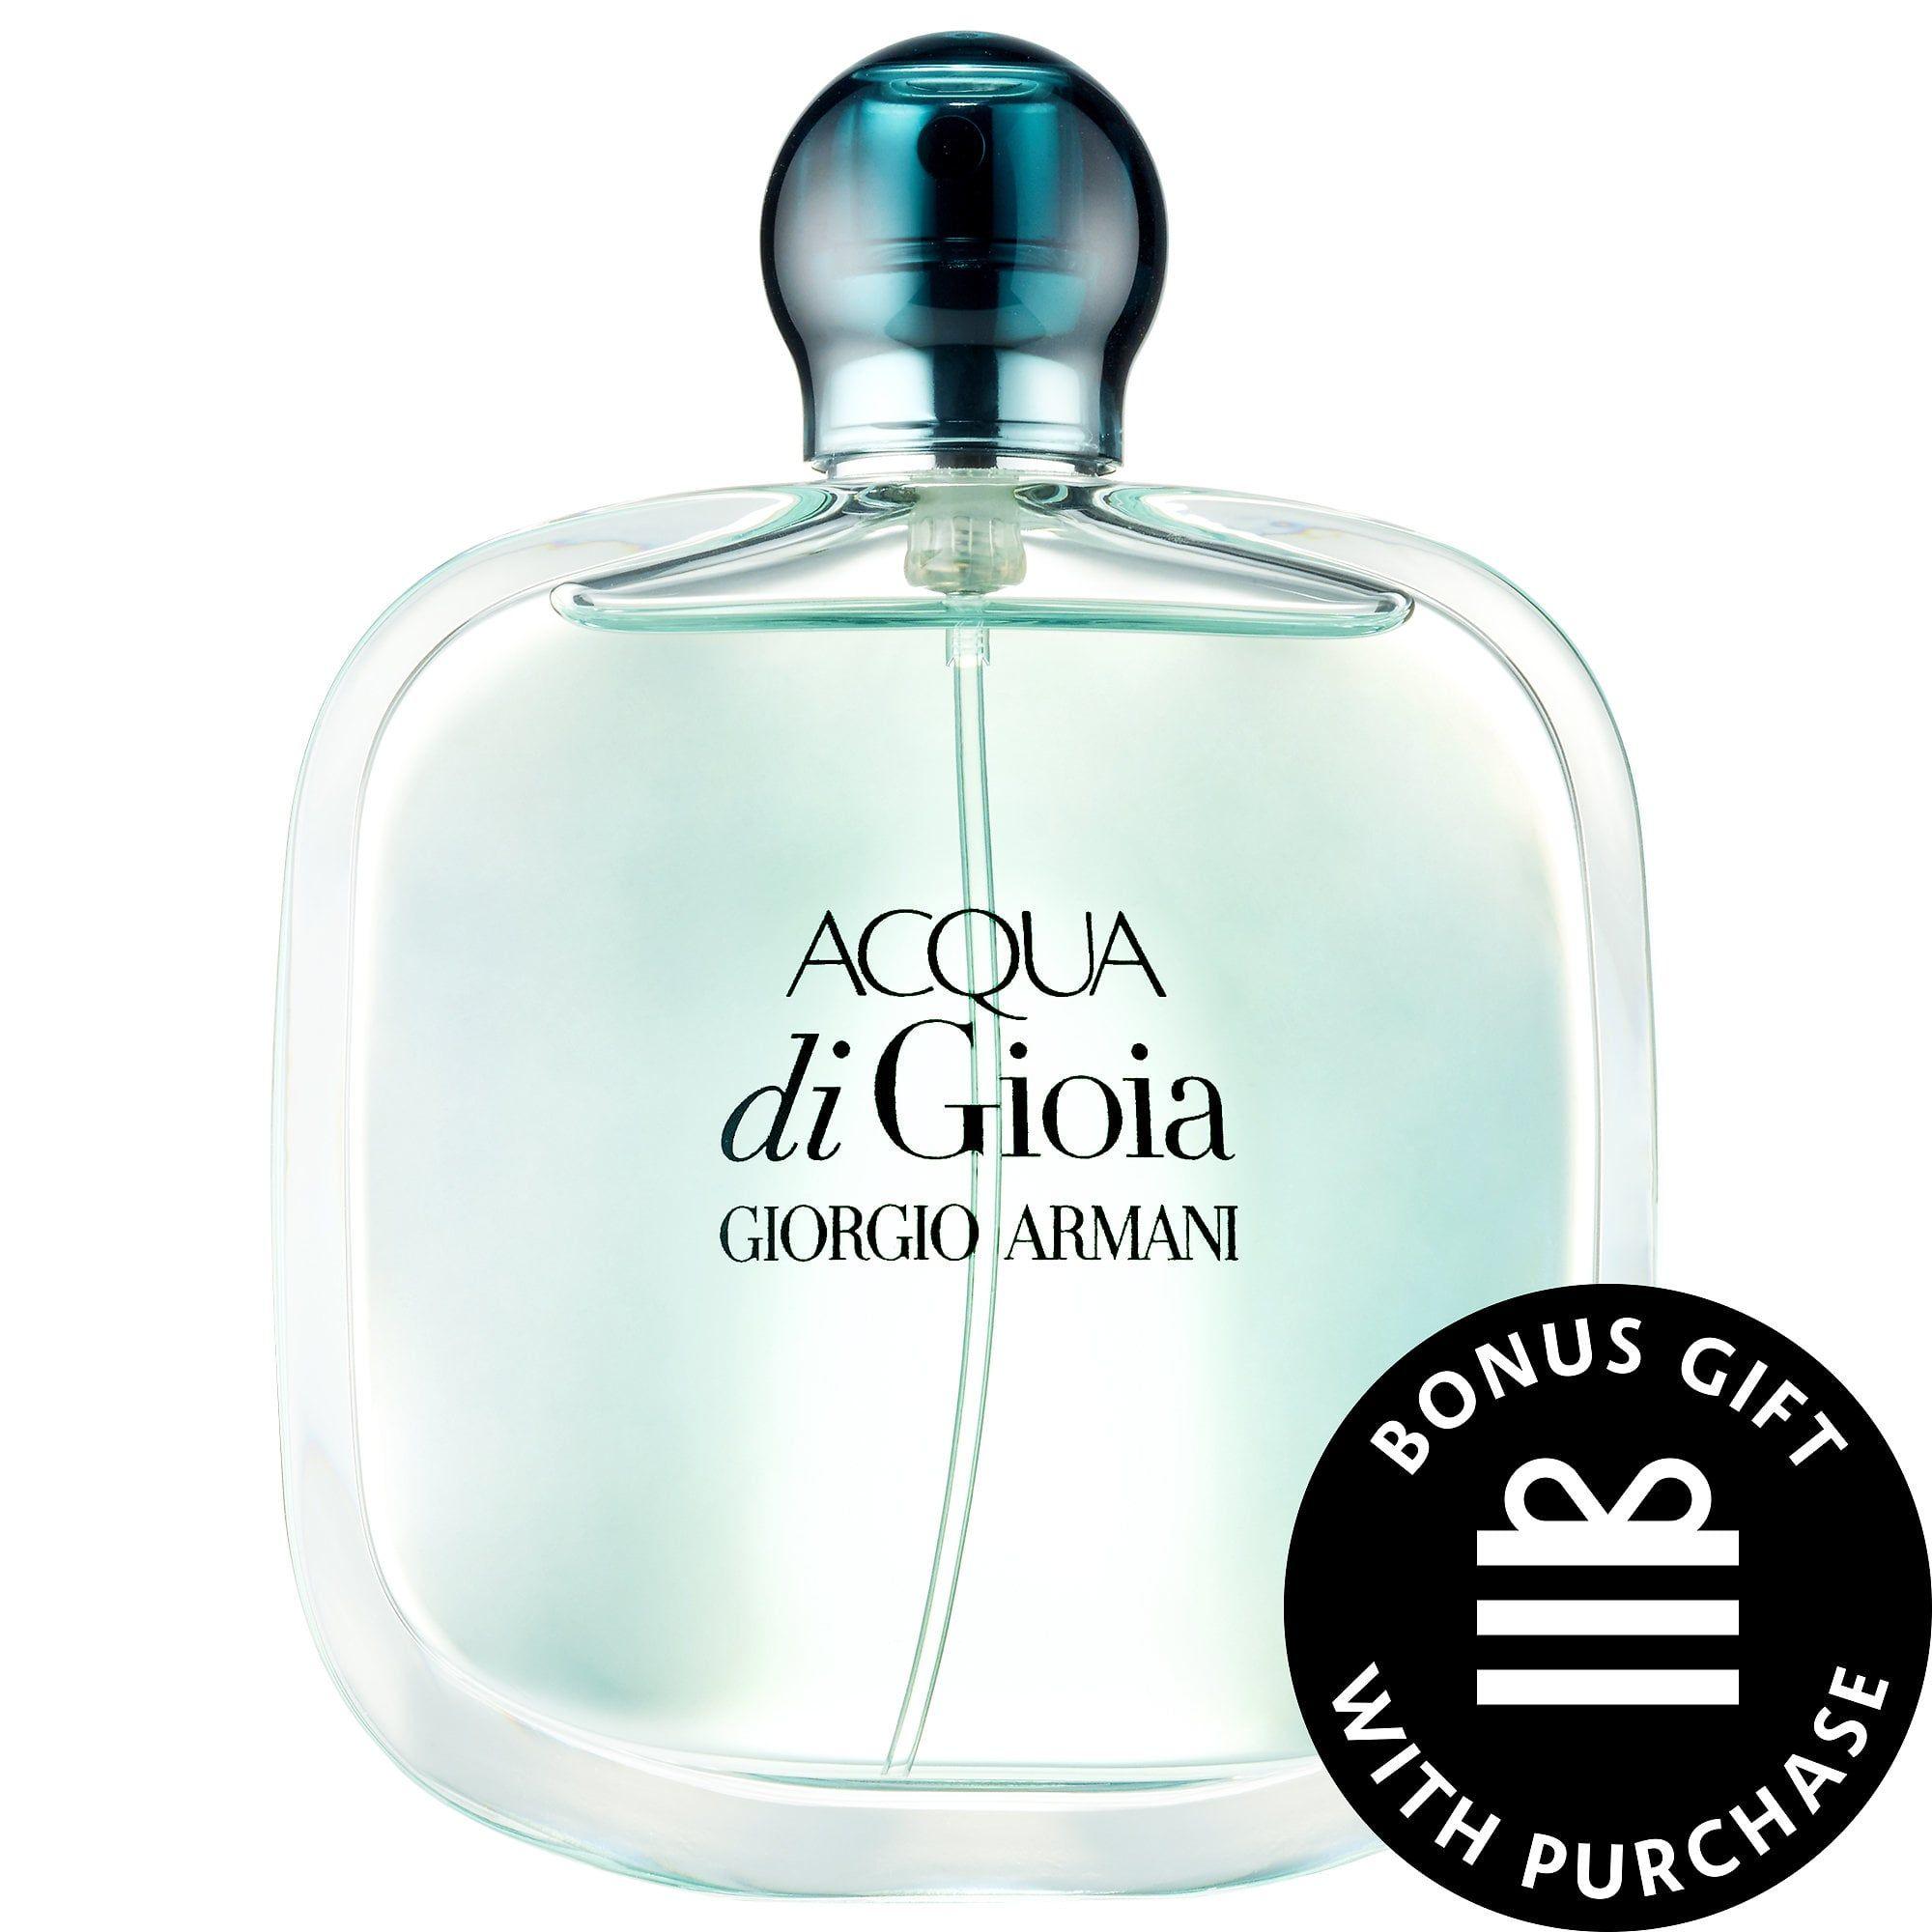 4 Armani Eau 3 De Parfum Giorgio Di Oz Acqua Ml Beauty Gioia 100 1cKF5uTlJ3